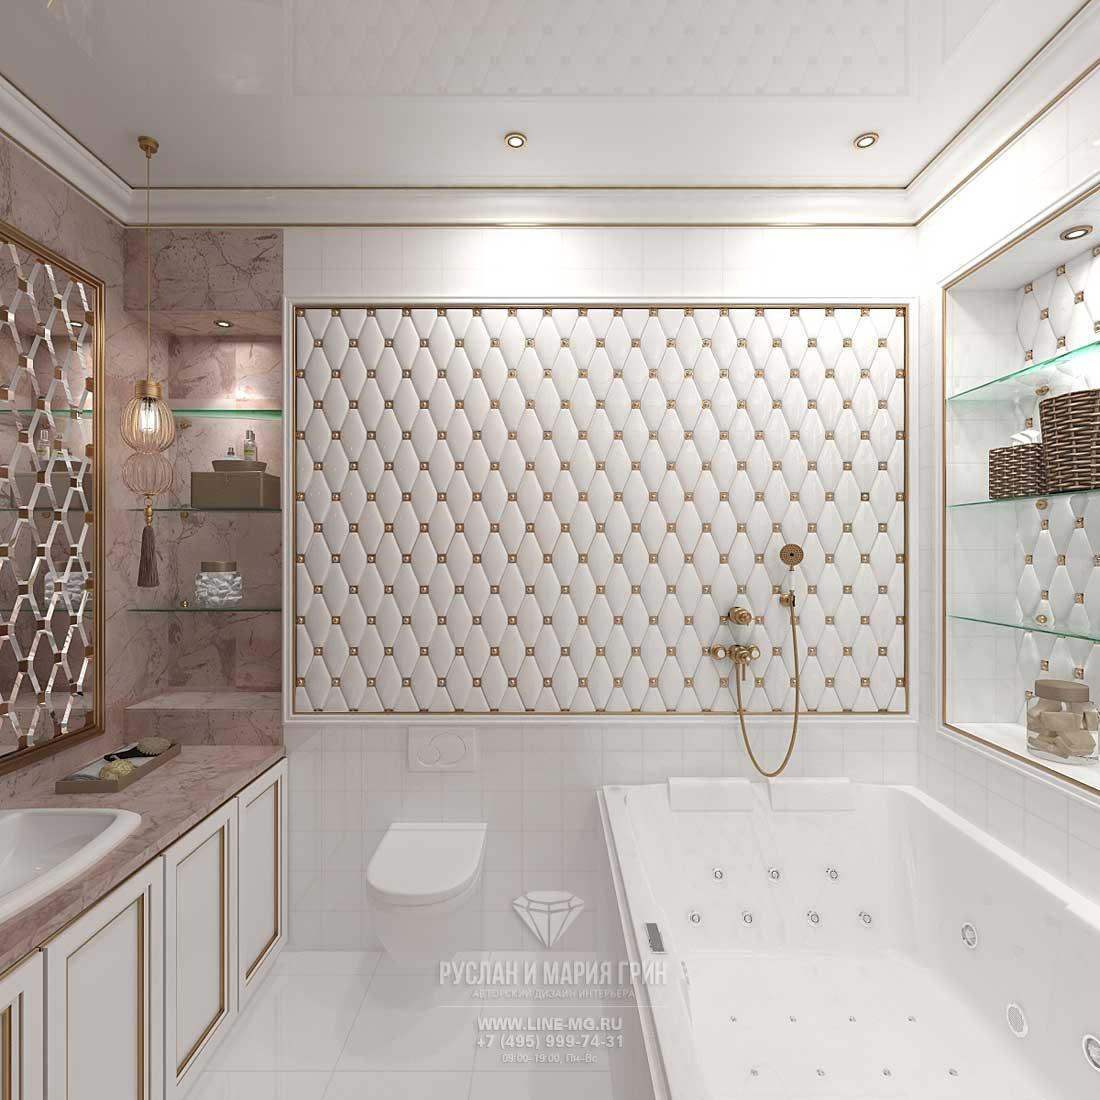 Дизайн маленькой ванной комнаты 2021: яркие современные идеи - 50 фото